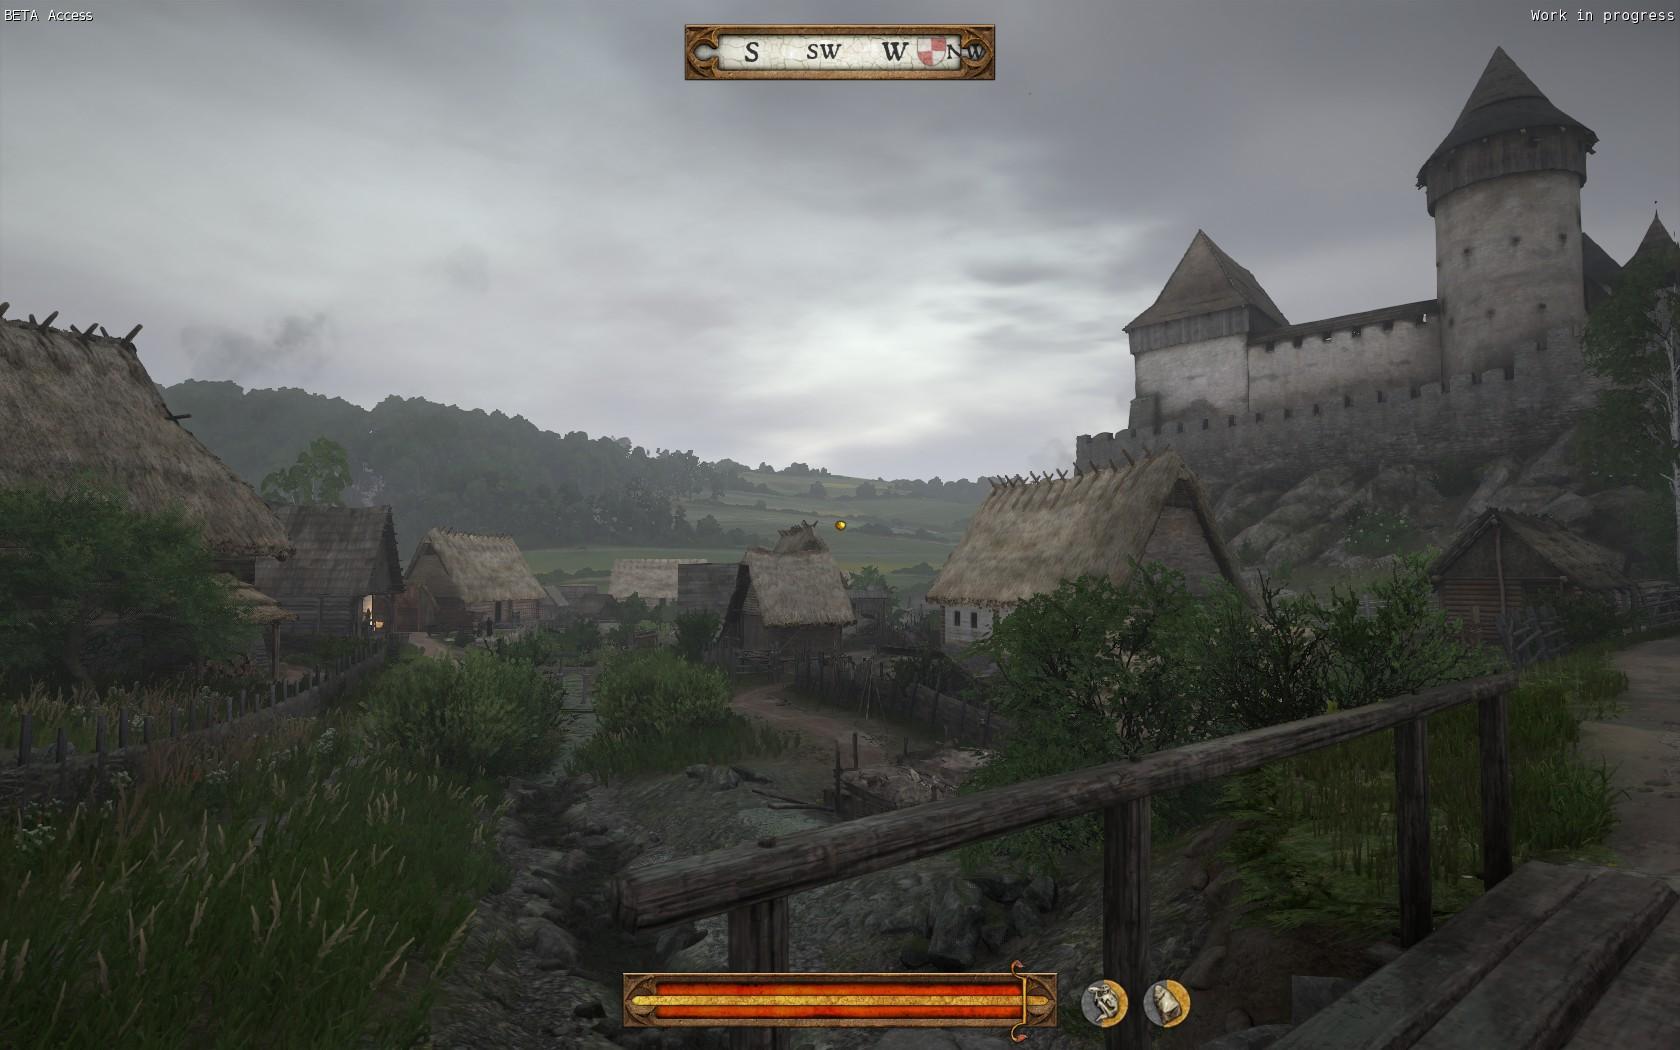 Dojmy a fotografie z výletu v betě Kingdom Come: Deliverance 120407